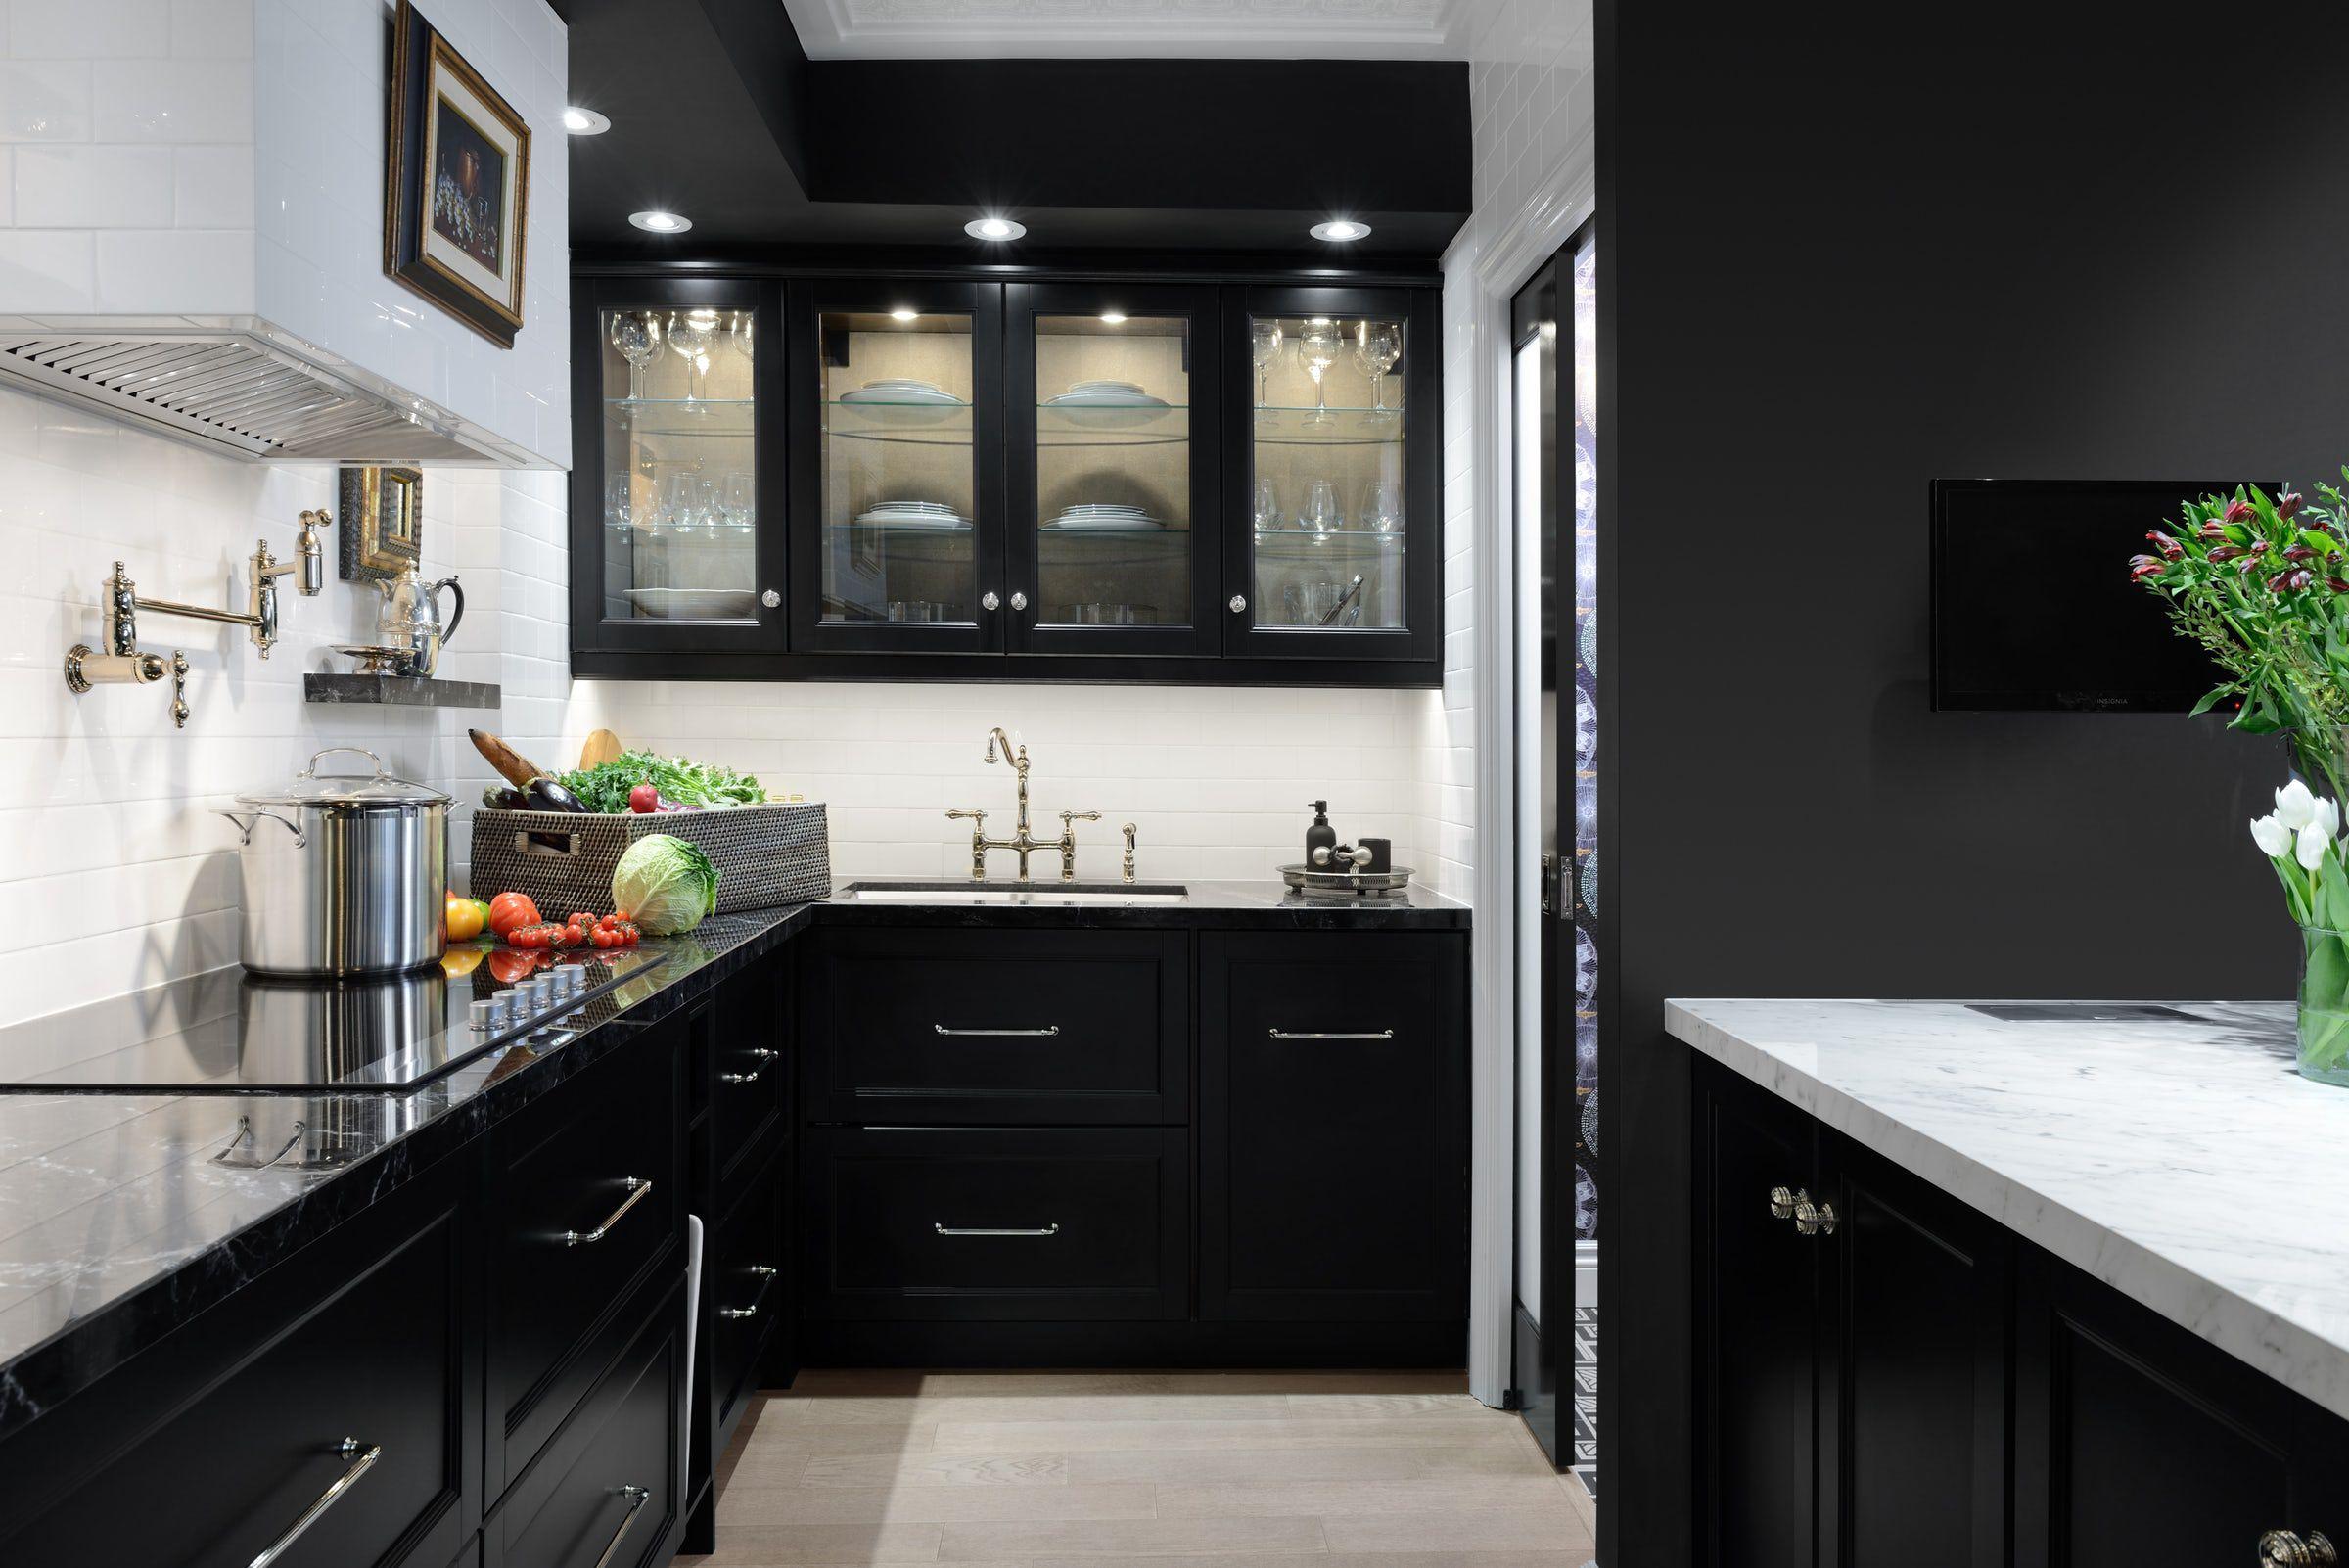 black-kitchen-cabinets-5-1533745612.jpg